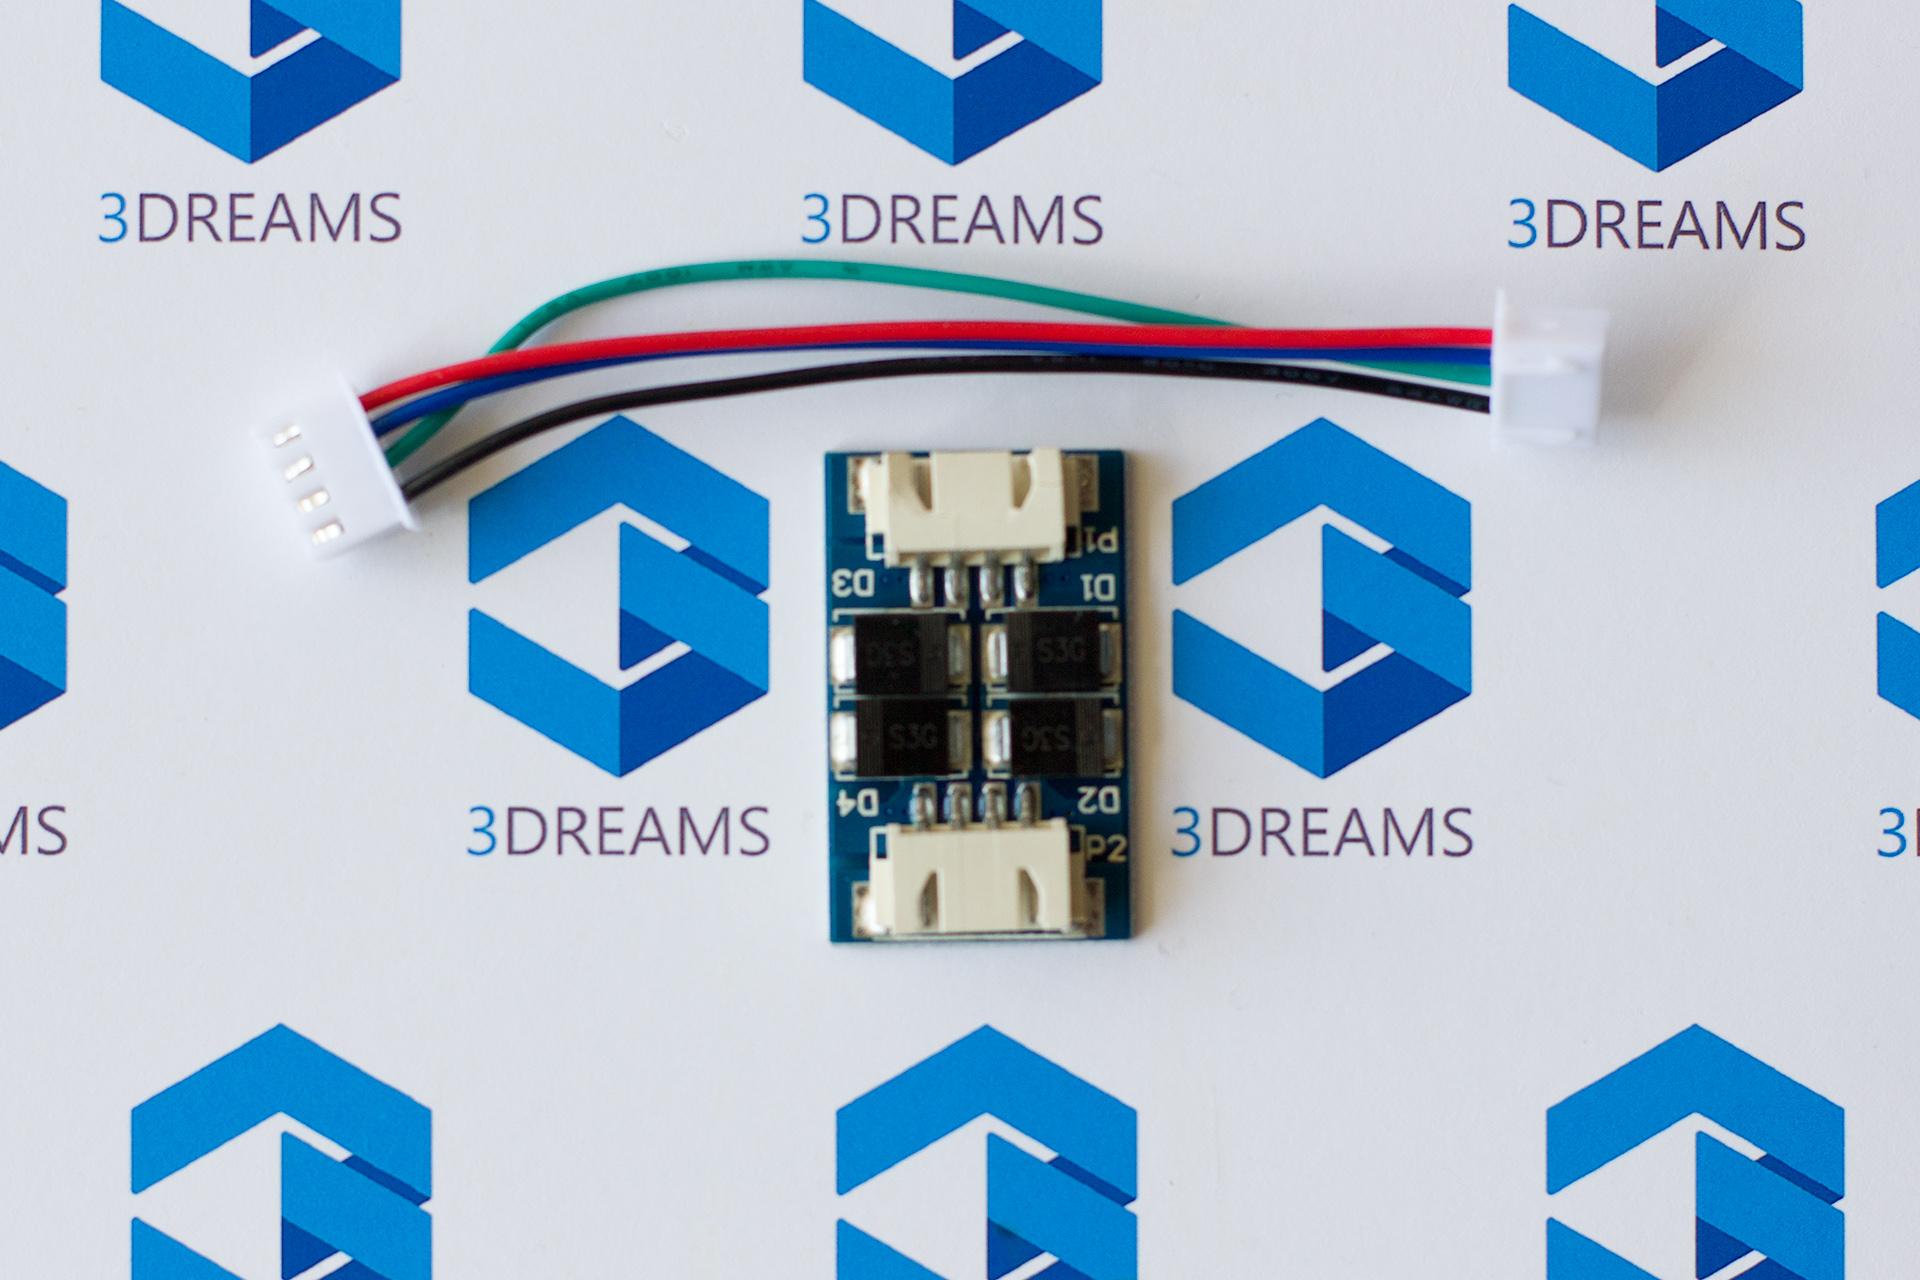 Дополнительный модуль сглаживания шаговых двигателей 3D принтера купить киев харьков днепр одесса львов запорожье 5